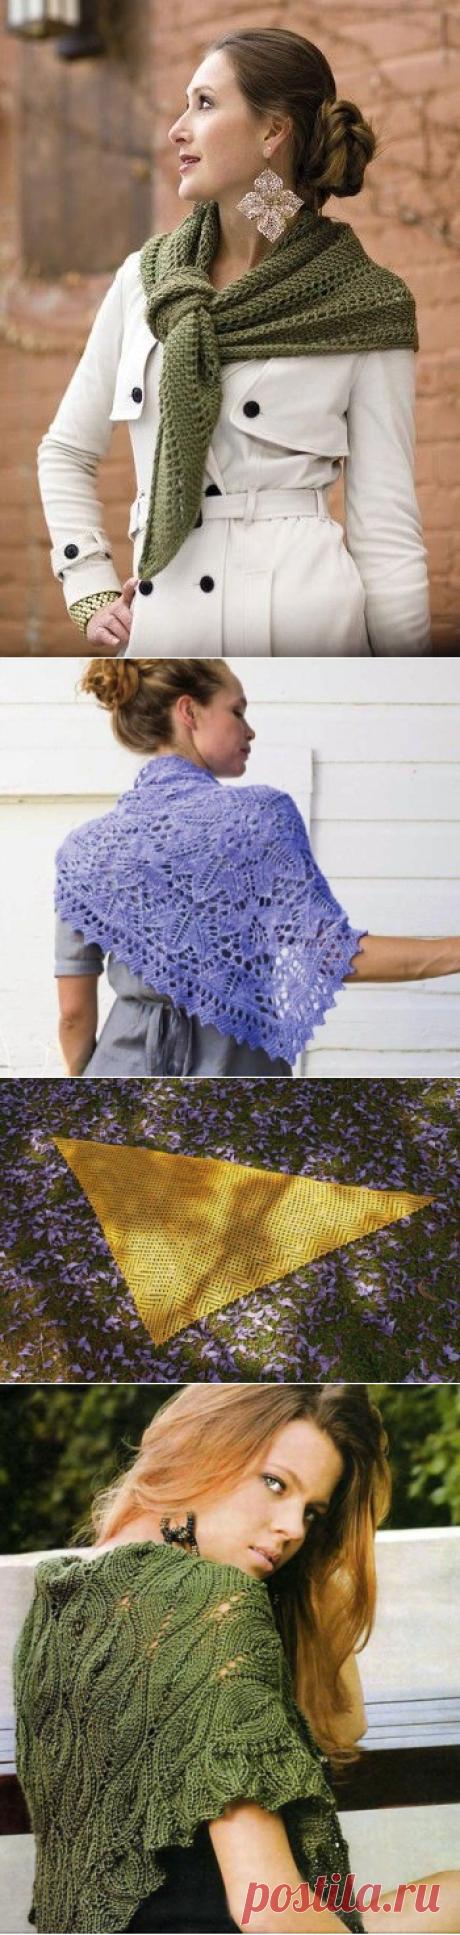 Вязание косынки спицами: 18 моделей с описанием и схемами вязания. / knitka.ru